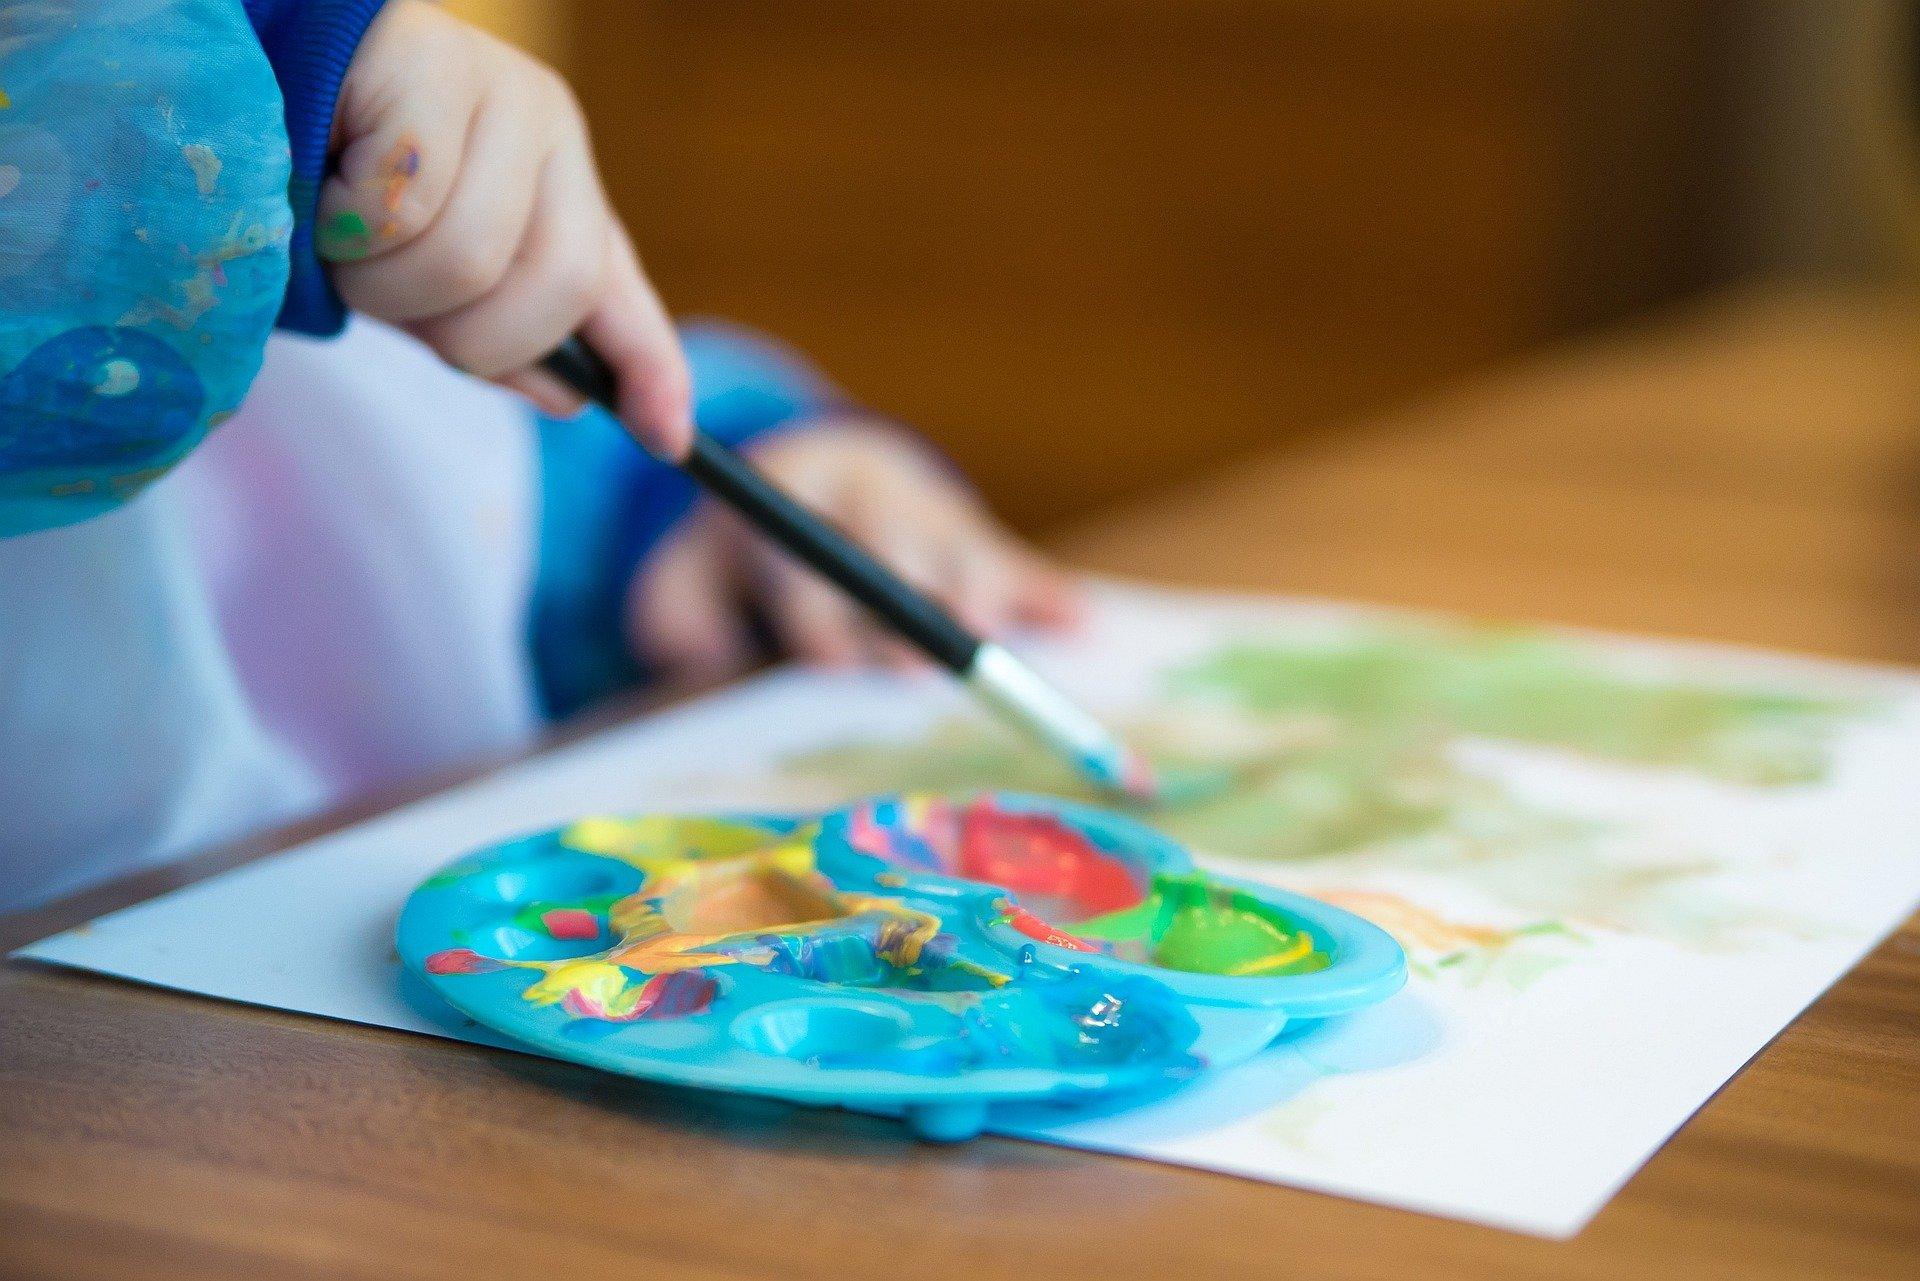 talento nell'arte